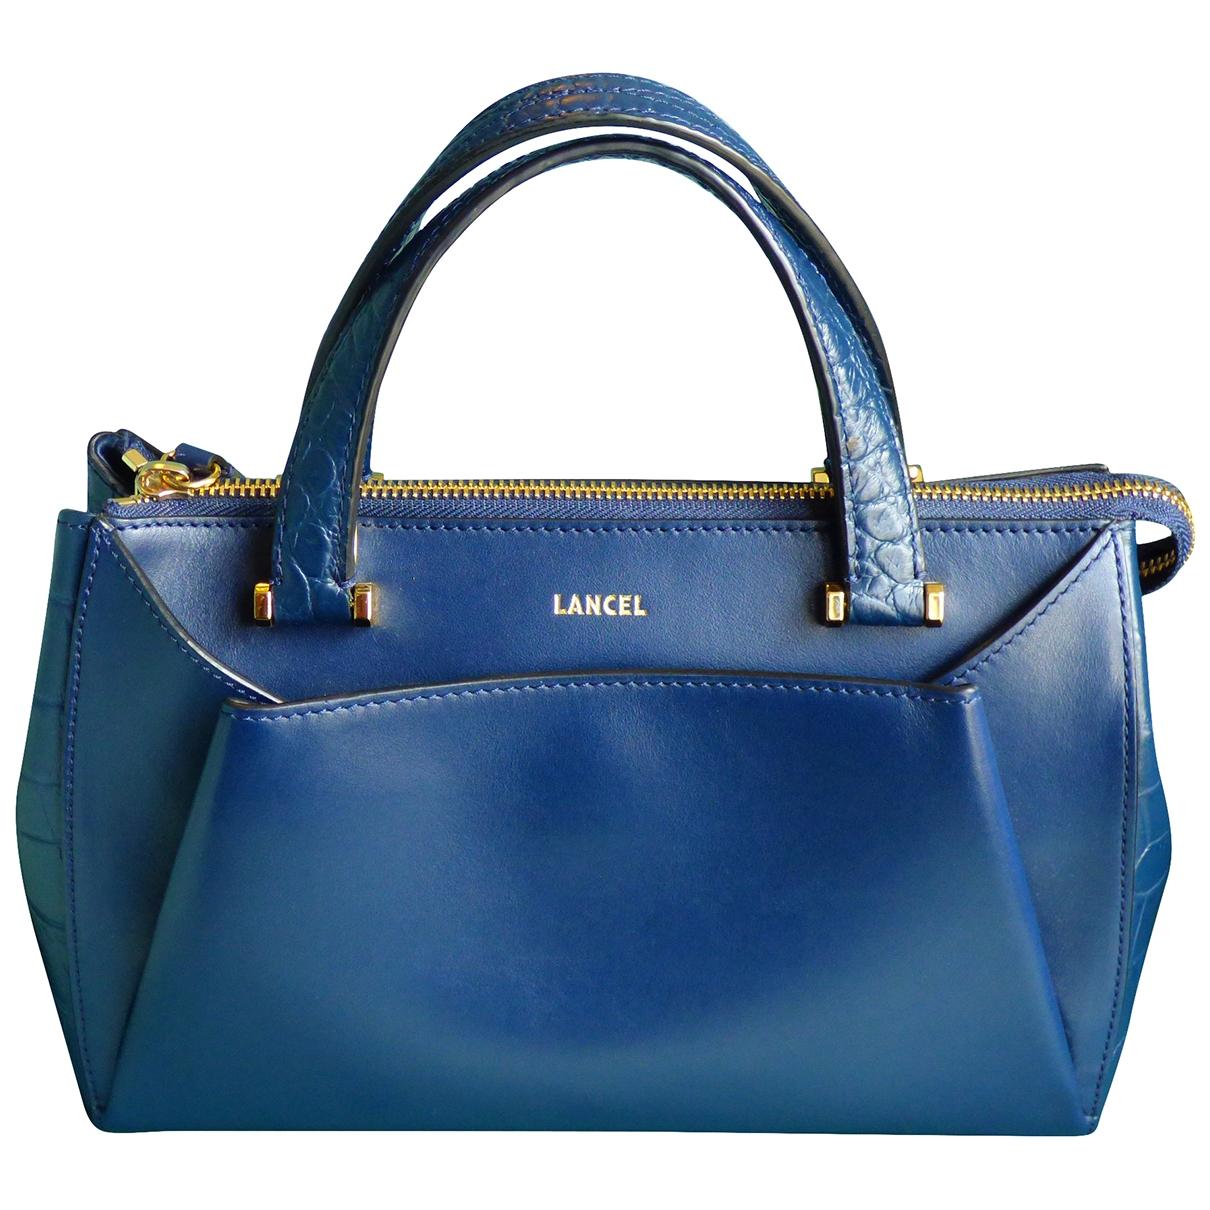 Lancel - Sac a main Lison pour femme en cuir - bleu